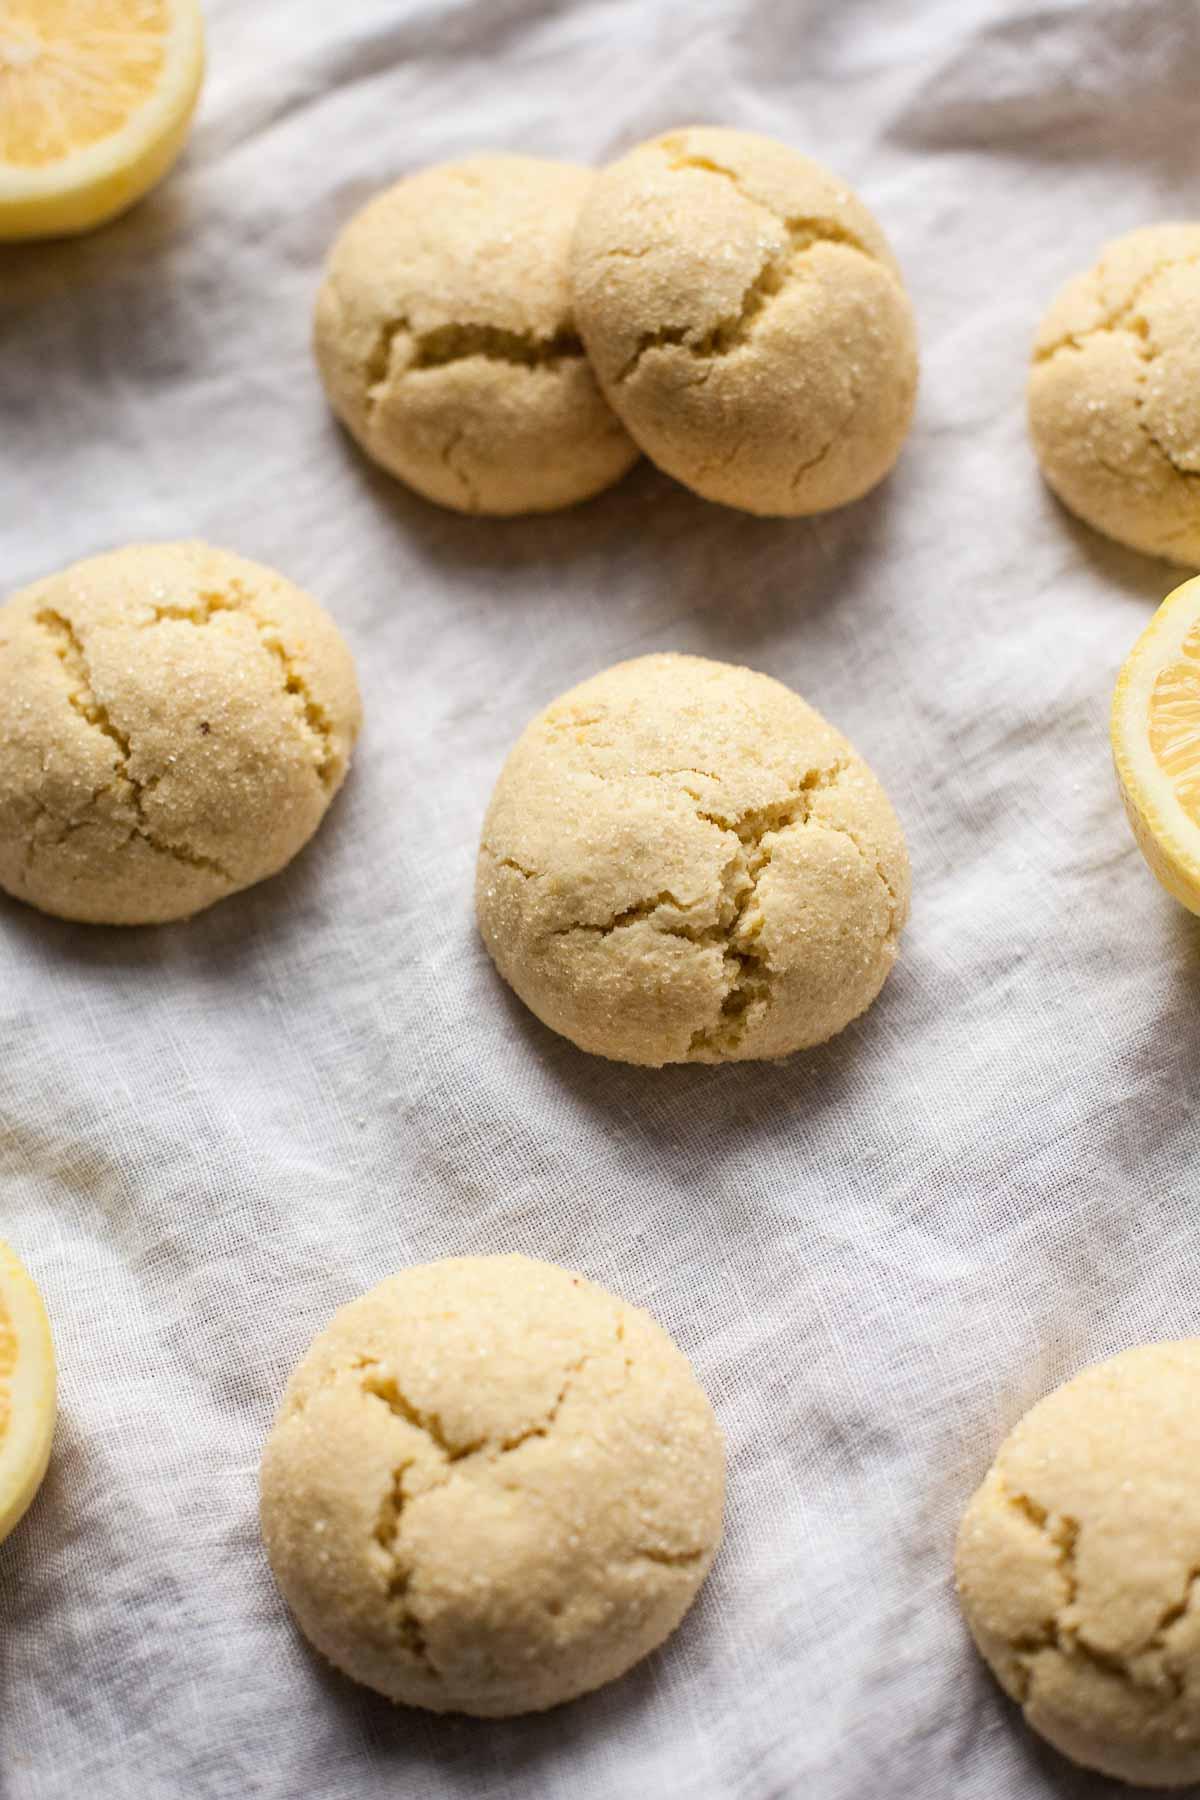 Lemon Olive Oil Cookies (Gluten free, grain free, dairy free)